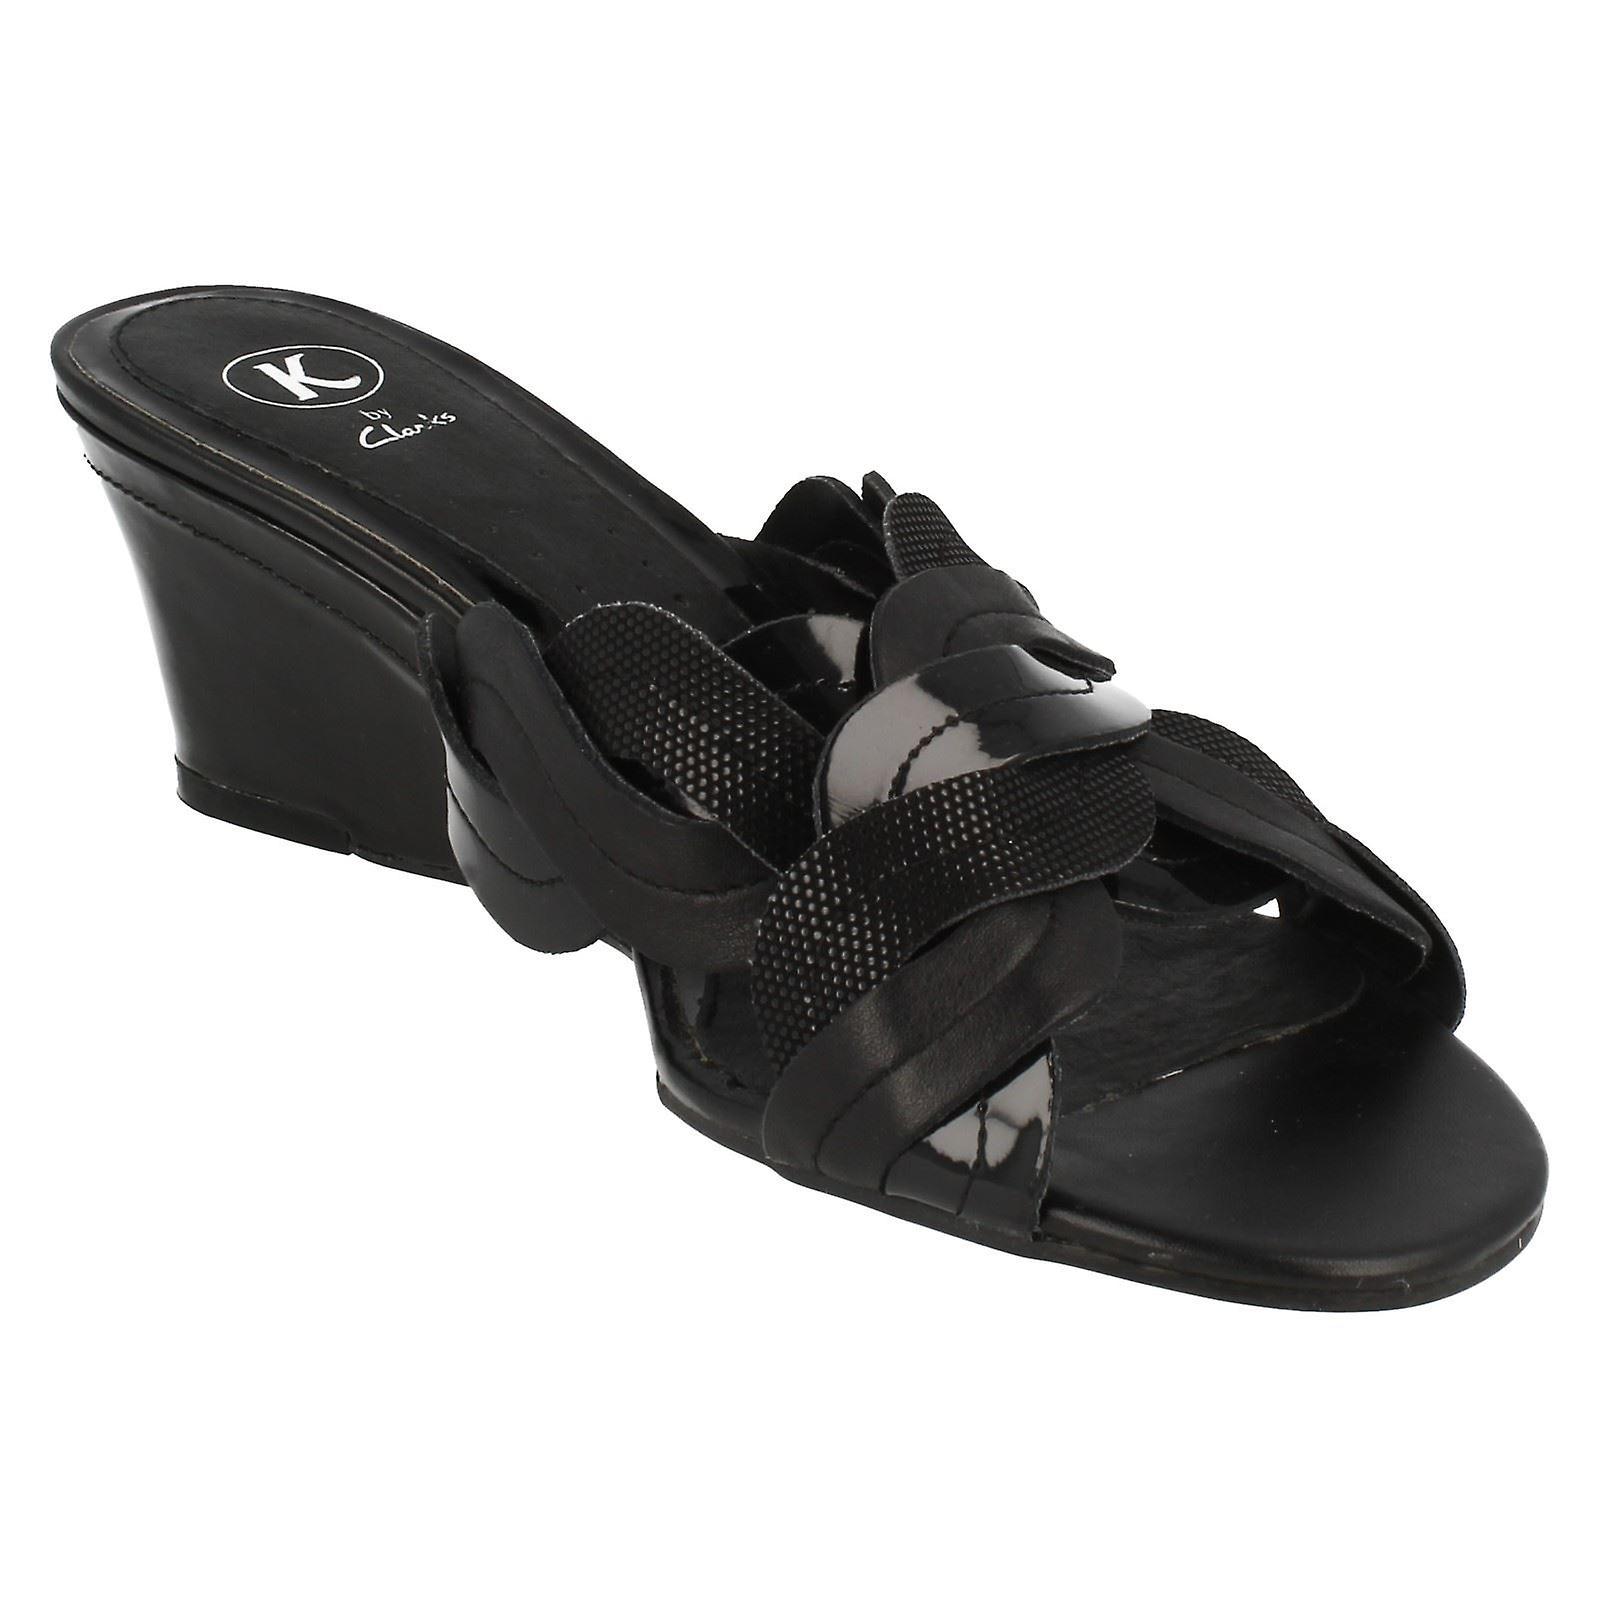 Ladies K By Clarks Wedge Heeled Mule Sandals Saint Shine